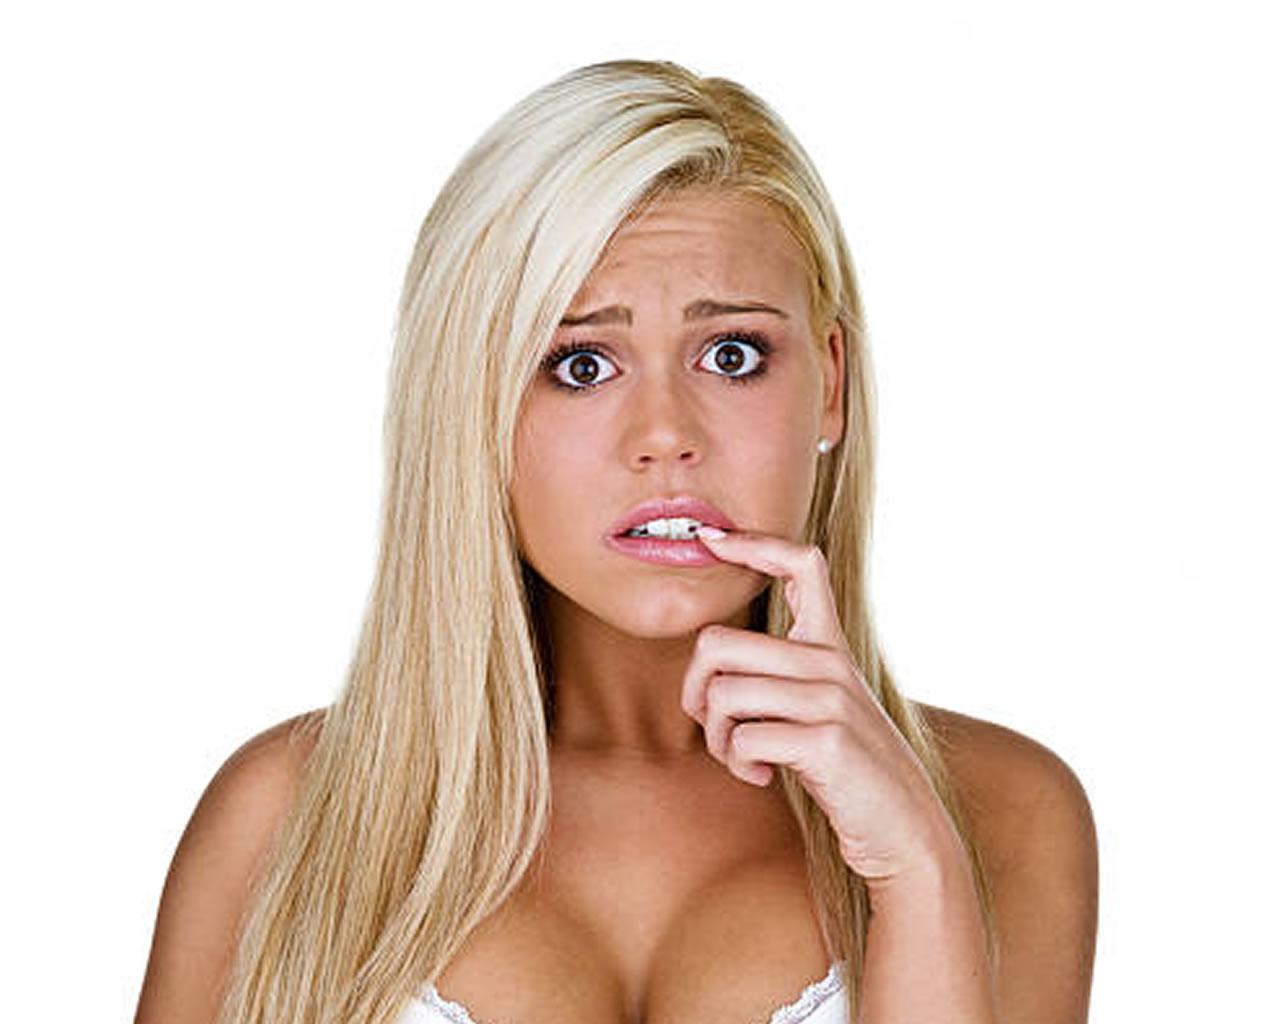 ΑΝΕΚΔΟΤΟ: Μια ξανθιά απαντάει σε γκάλοπ. Τρελό γέλιο